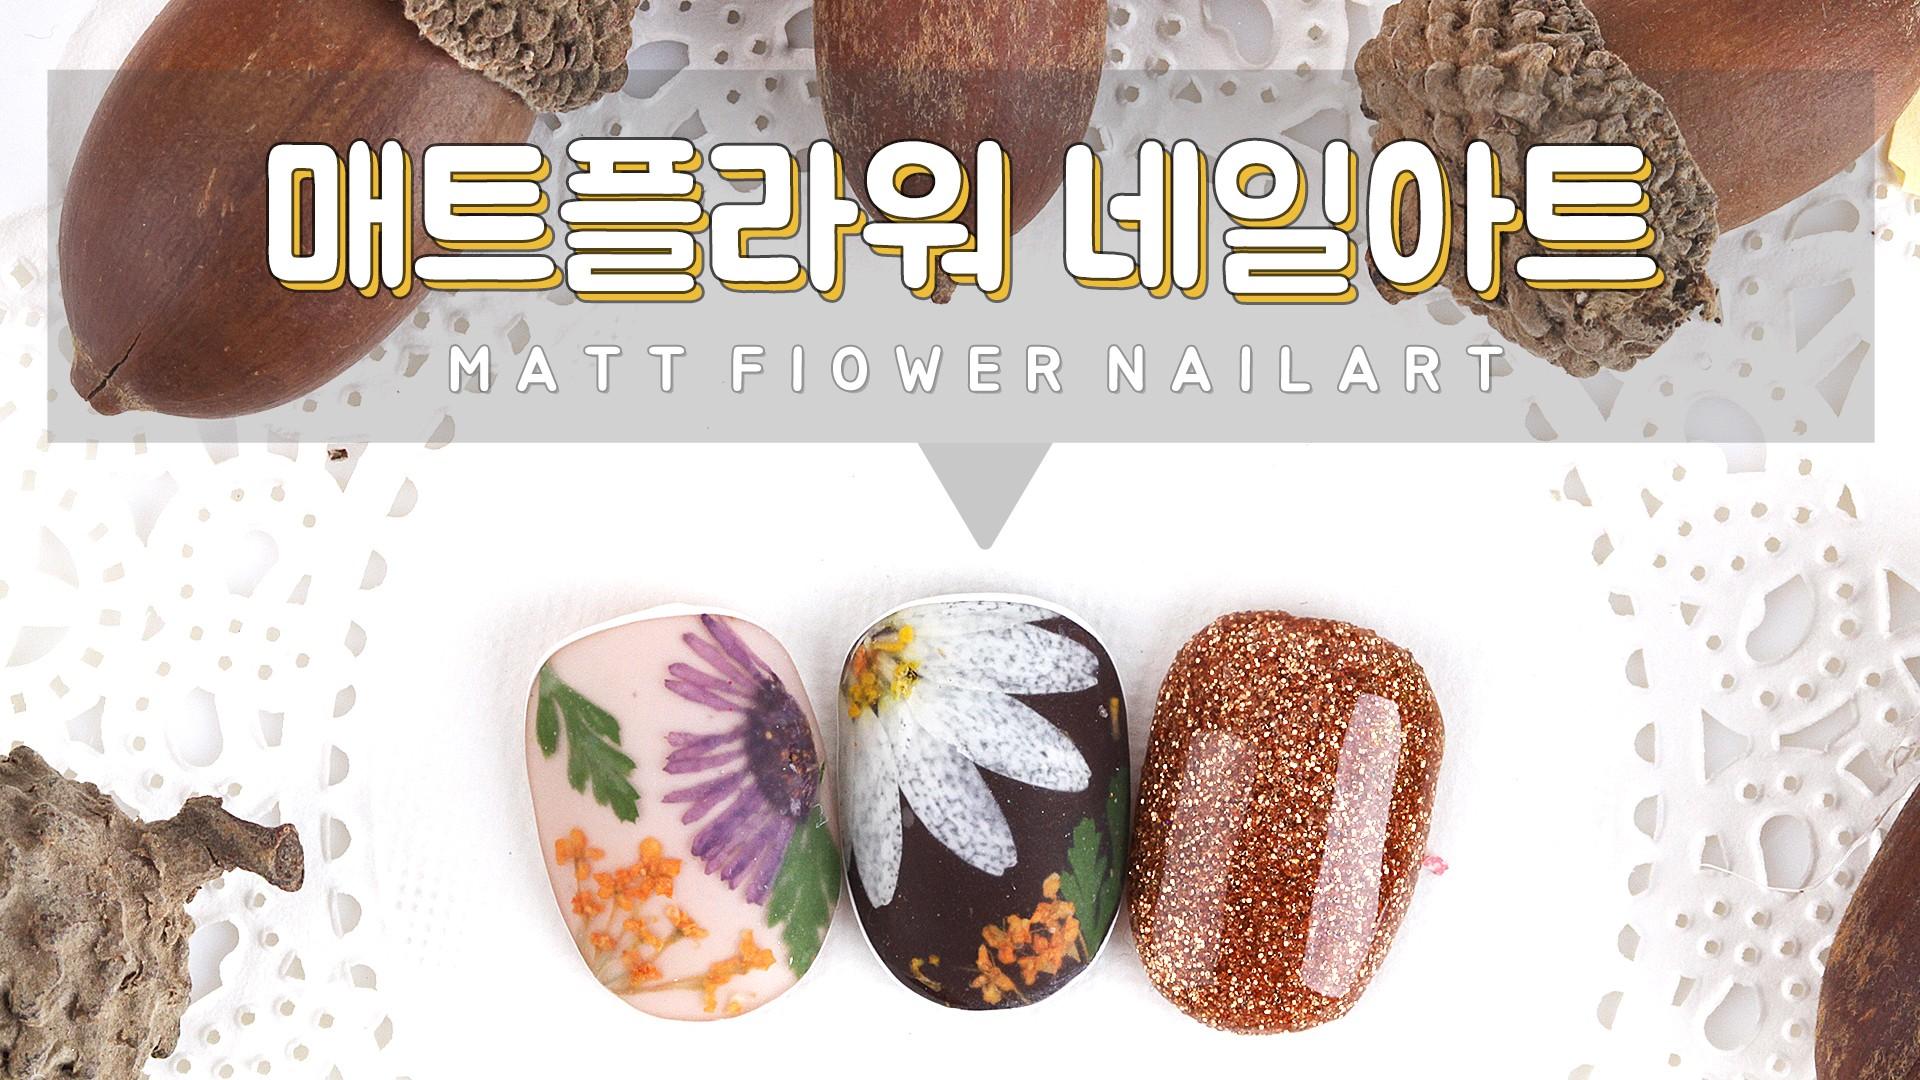 매트 플라워 셀프네일 하는법 / Matt flower nail art